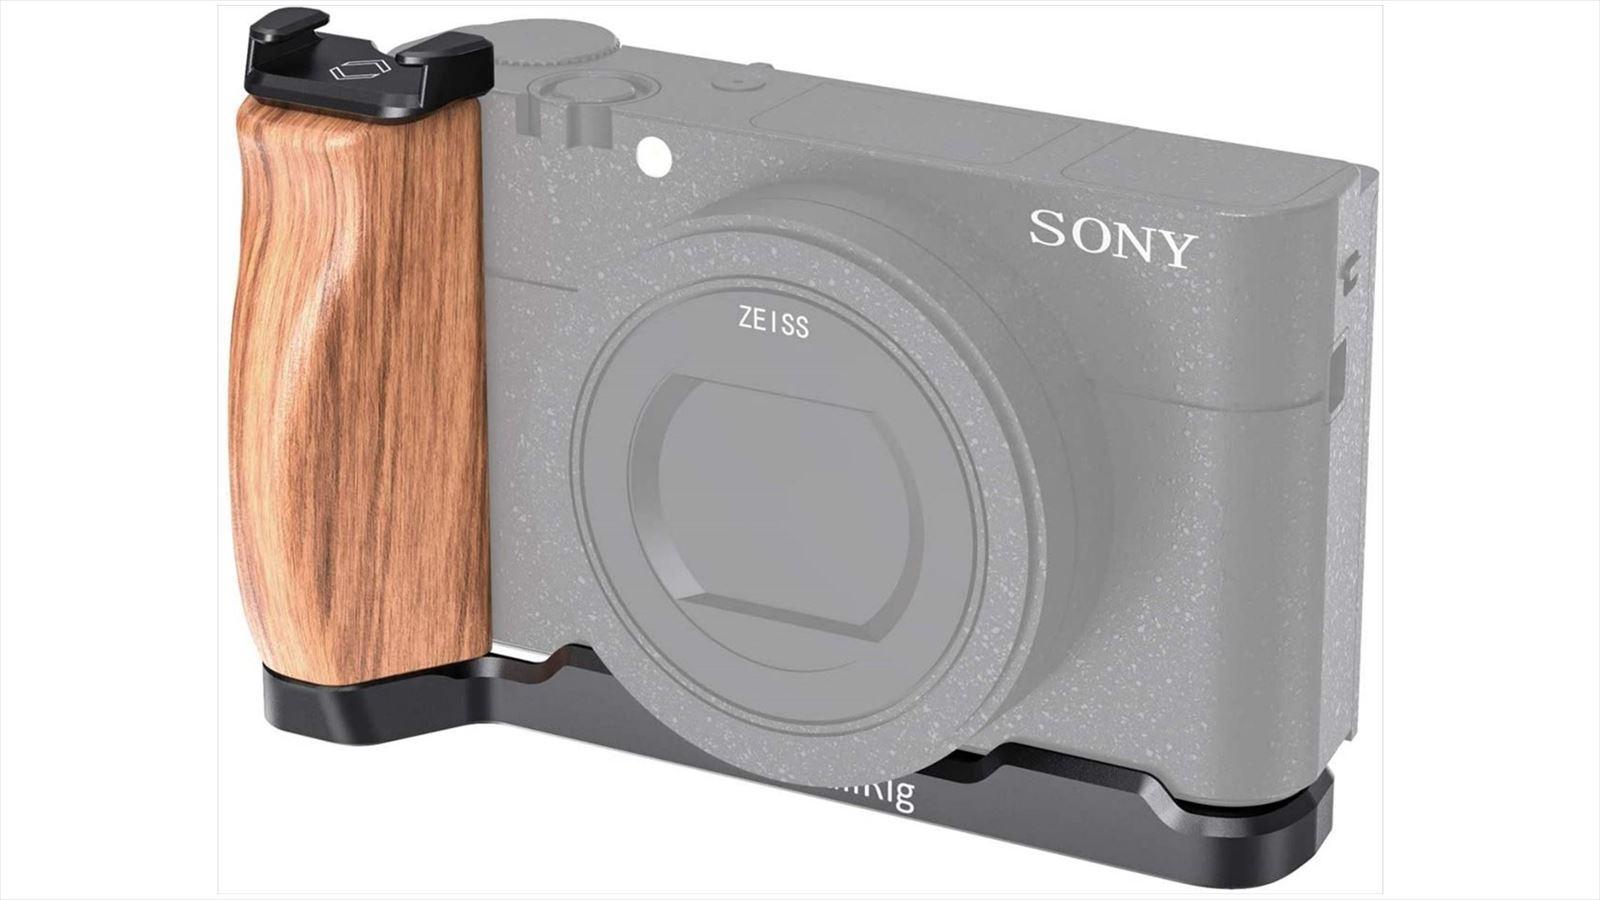 【満足度100%】RX100M7 シュー付きSmallRigの木製ハンドルで満足【超お買い得】